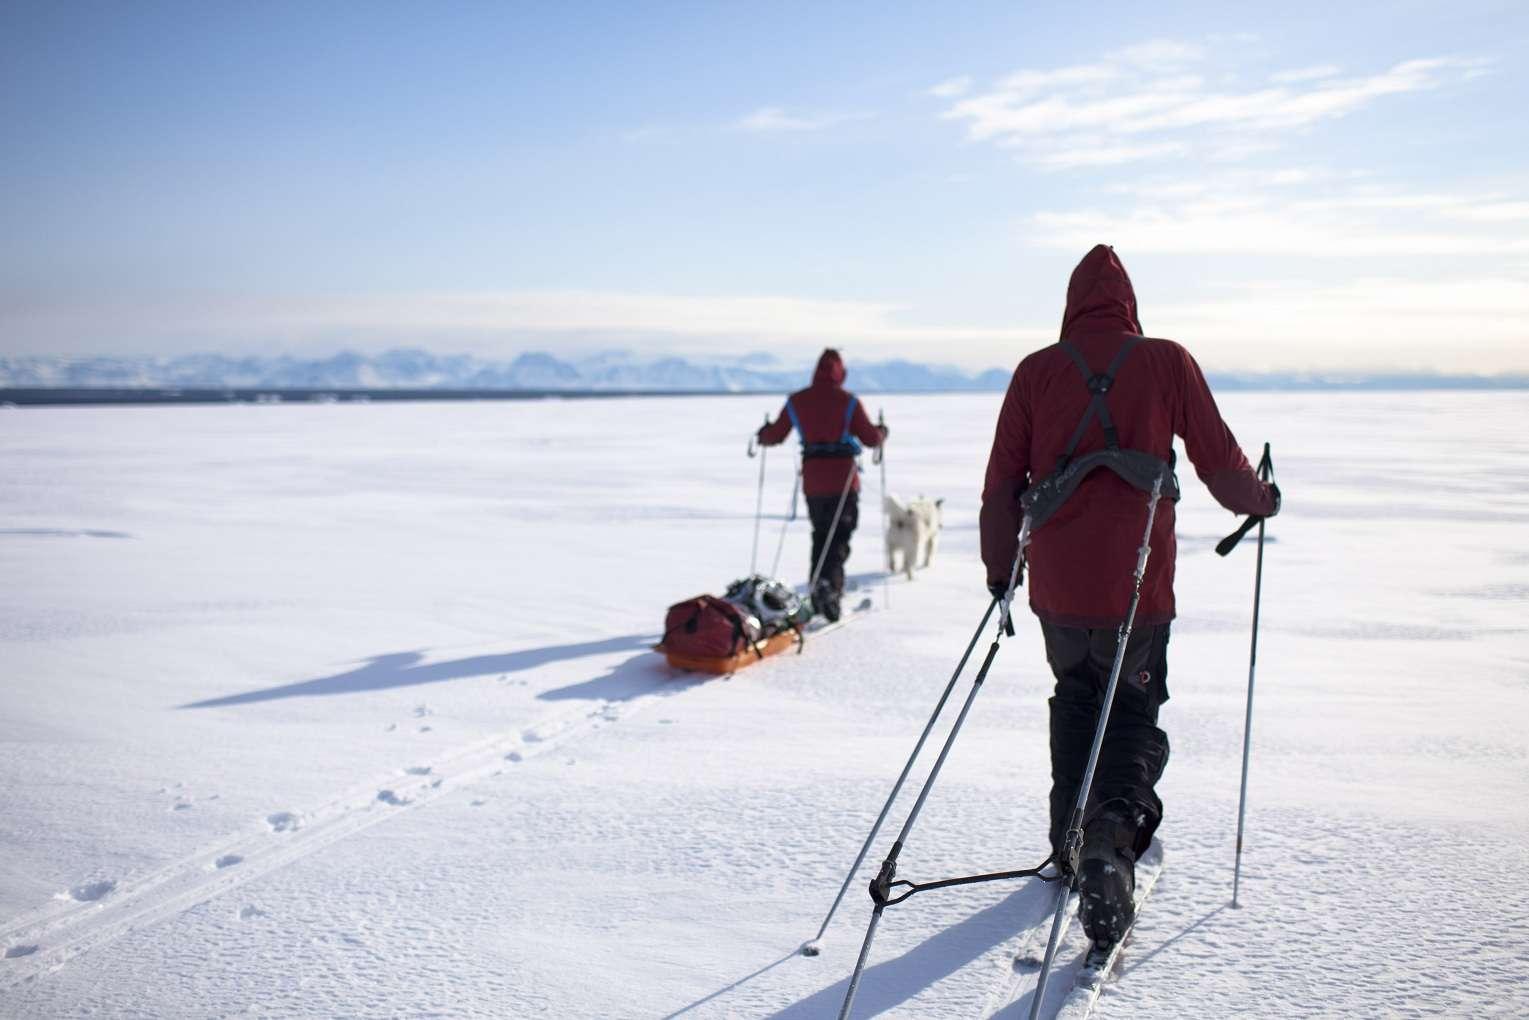 L'expédition Pôle Nord 2012 en entraînement au Groenland, sur la banquise. © Raphaël Demaret